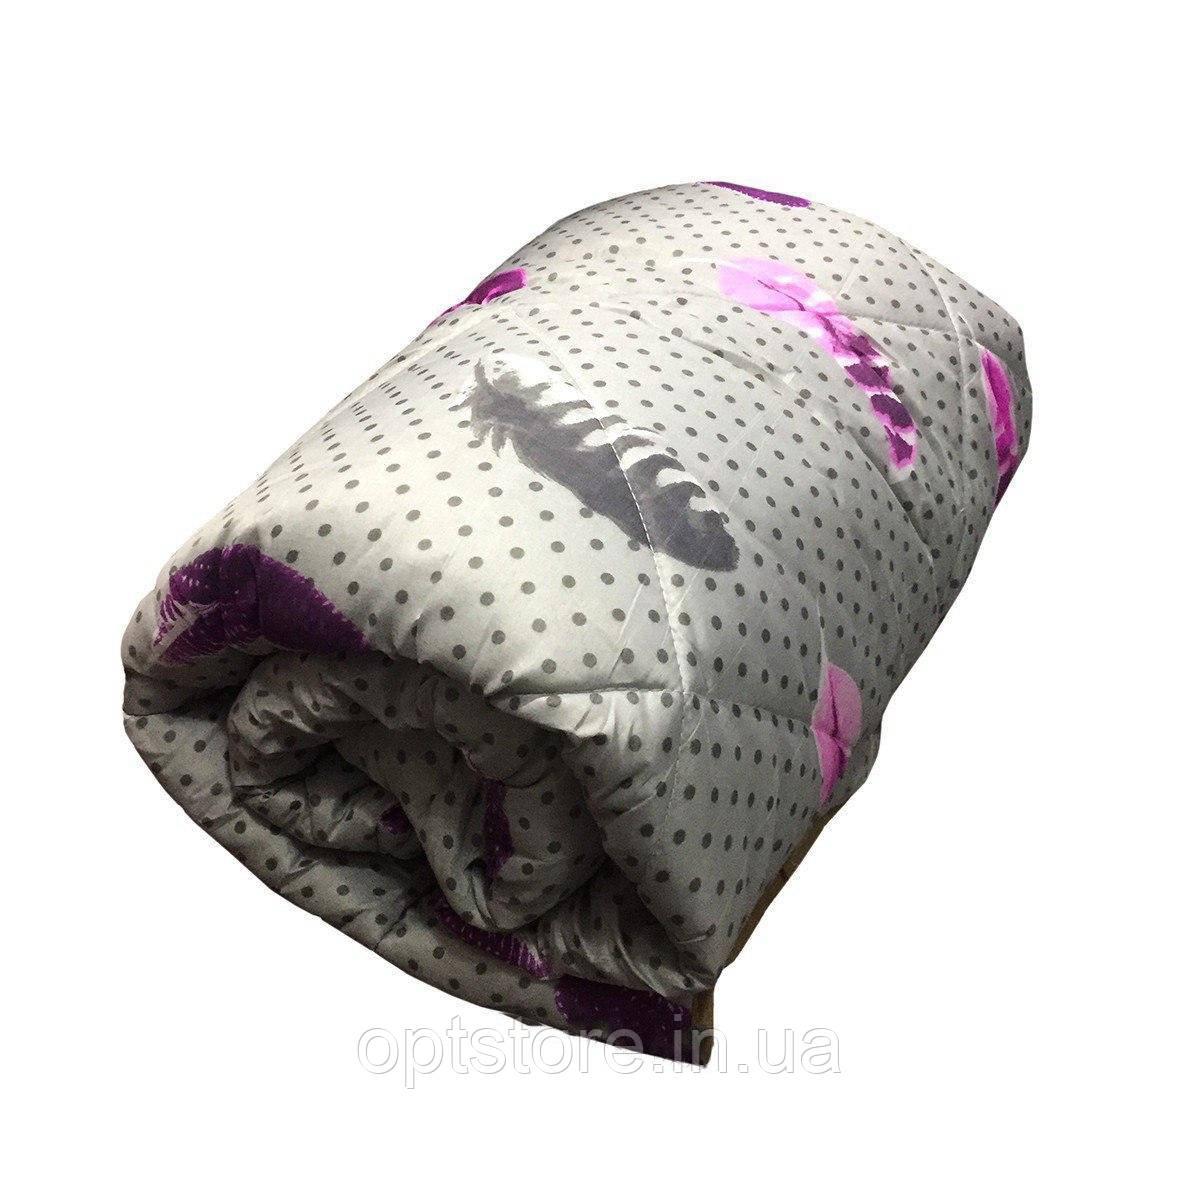 Одеяло полуторное холлофайбер, ткань поликоттон